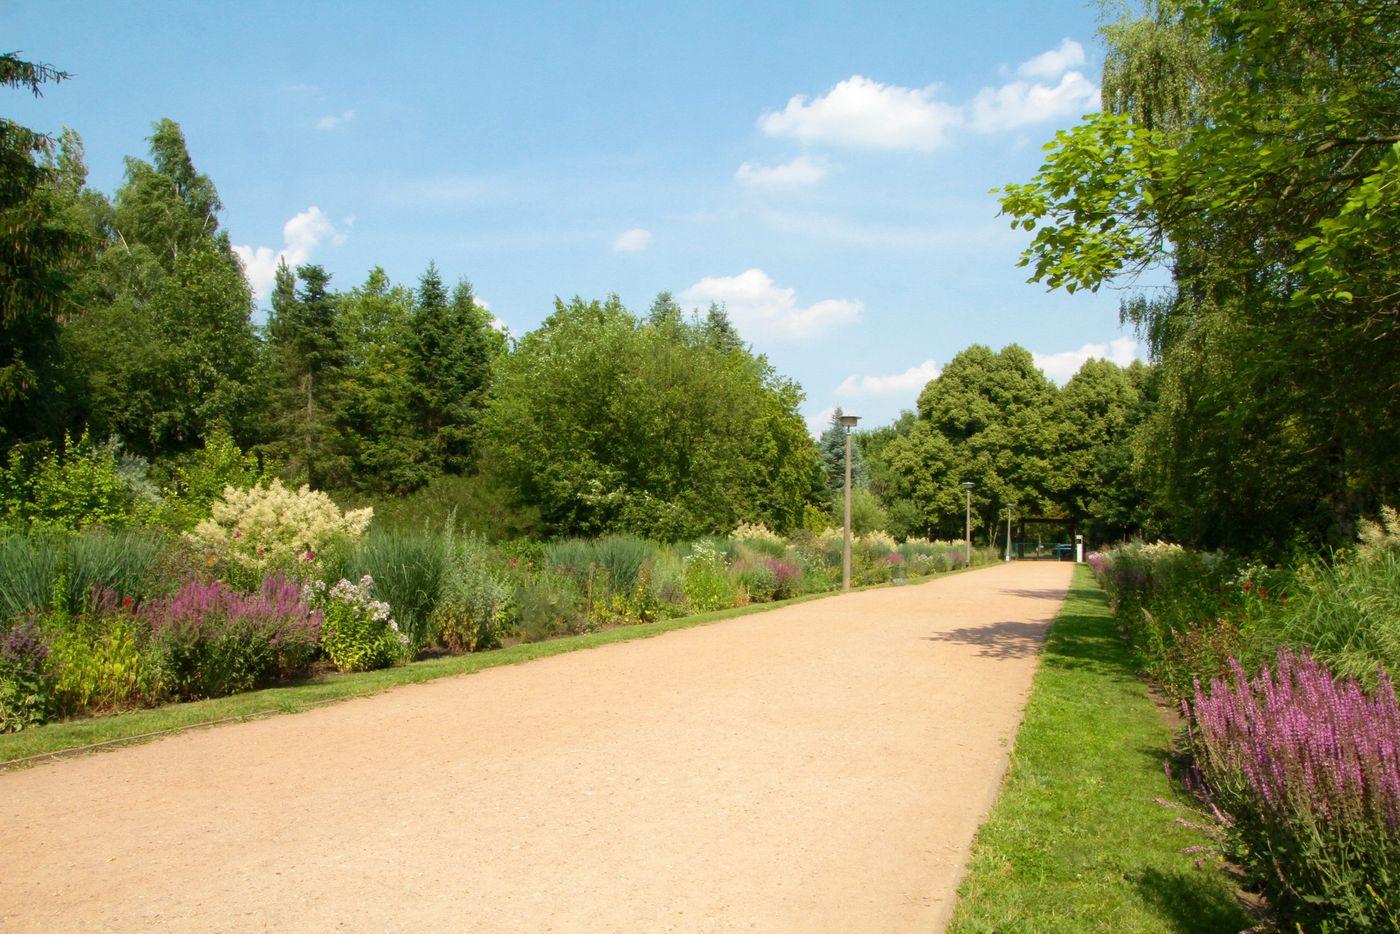 Bärlauch pankow botanischer volkspark Re: Re: